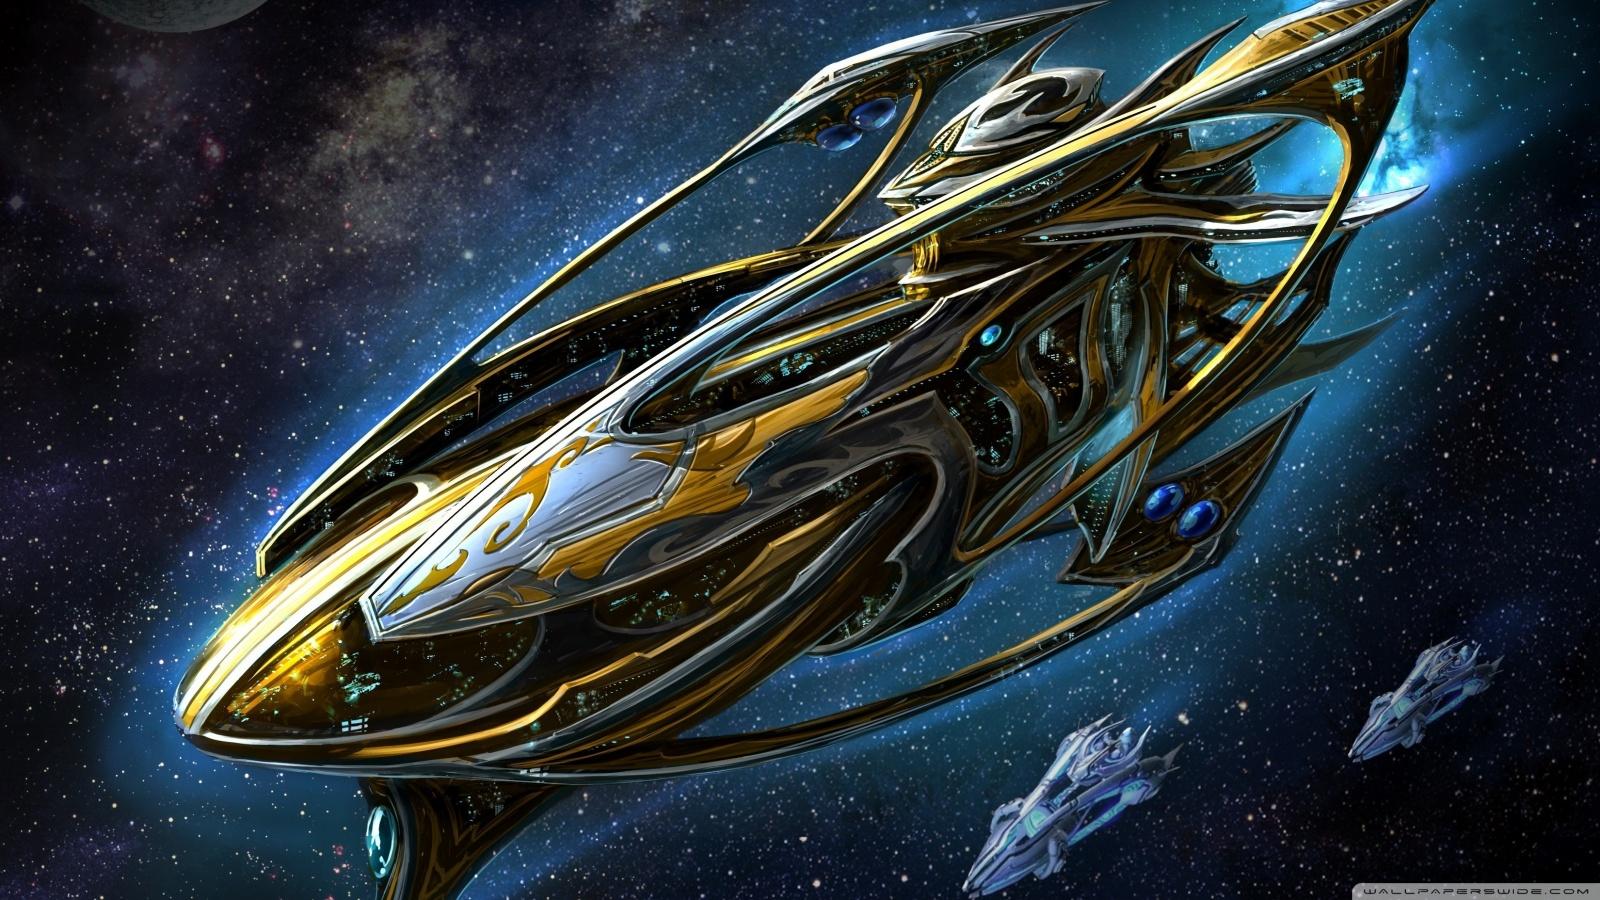 http://3.bp.blogspot.com/-jgZewhX4_BY/UMyU3-Fb-sI/AAAAAAAAFrg/nNNSgCNB0MQ/s1600/starcraft_protoss_battleship-wallpaper-1600x900.jpg